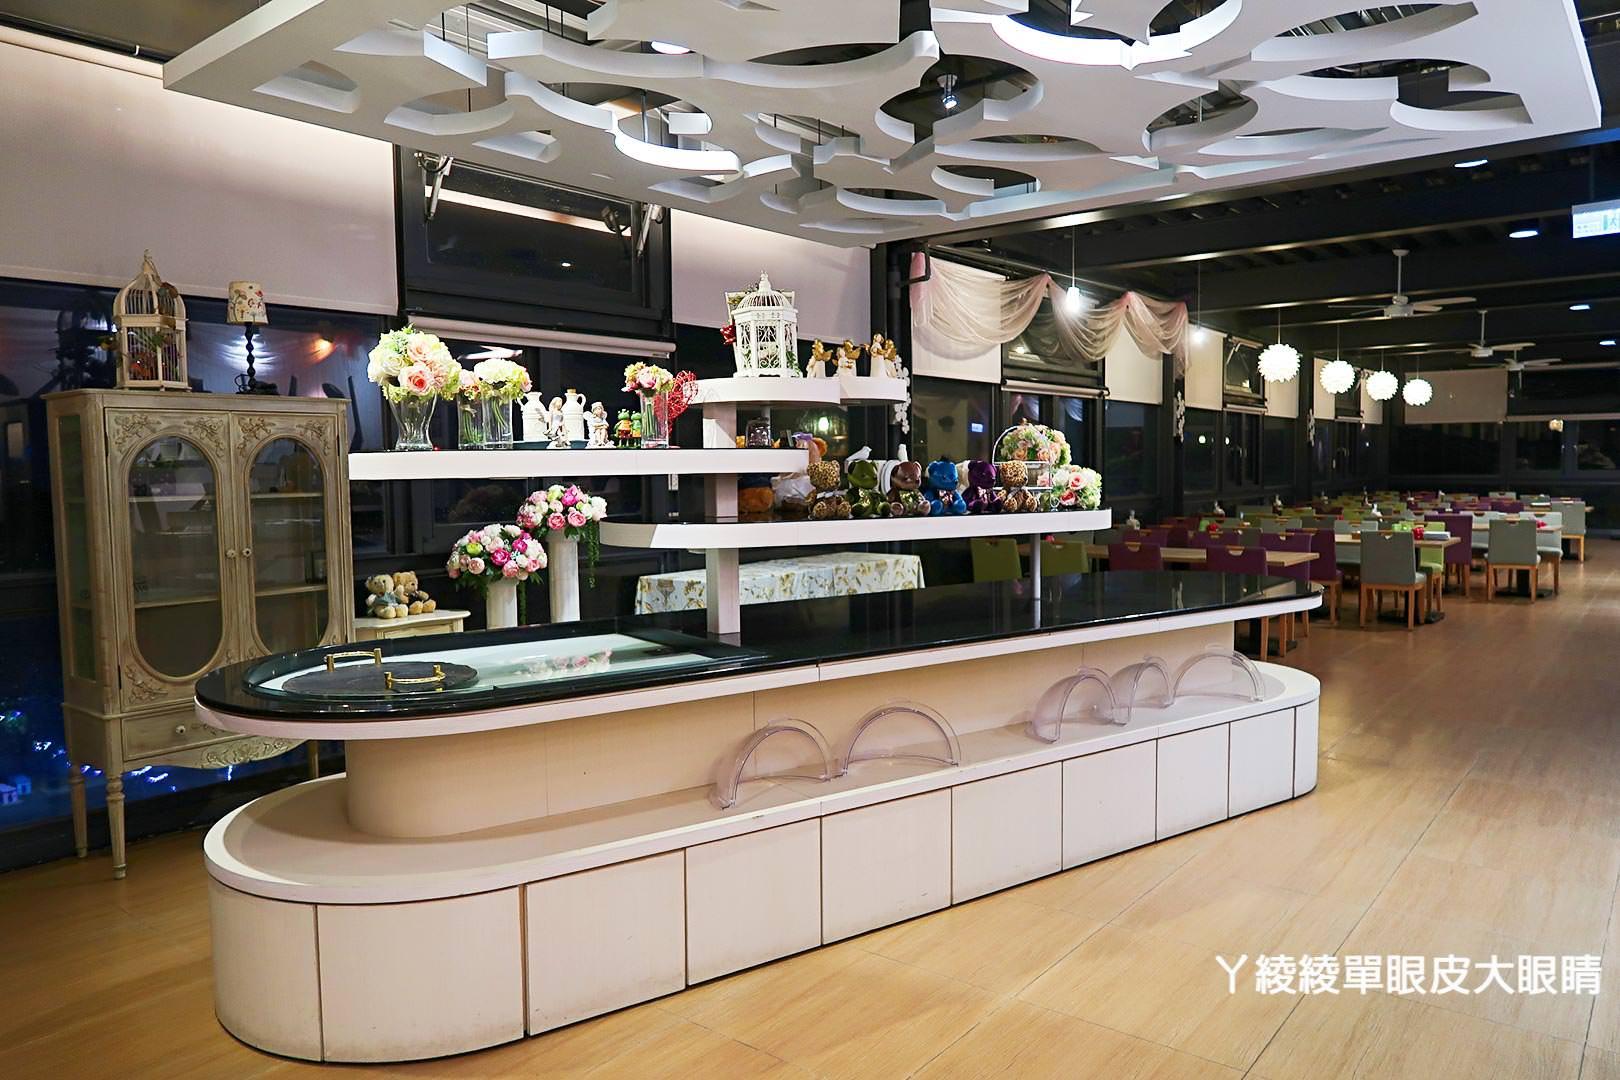 新竹景觀餐廳看夜景推薦綠芳園咖啡庭園餐廳,超大熊熊玻璃屋(已改名愛家農場)